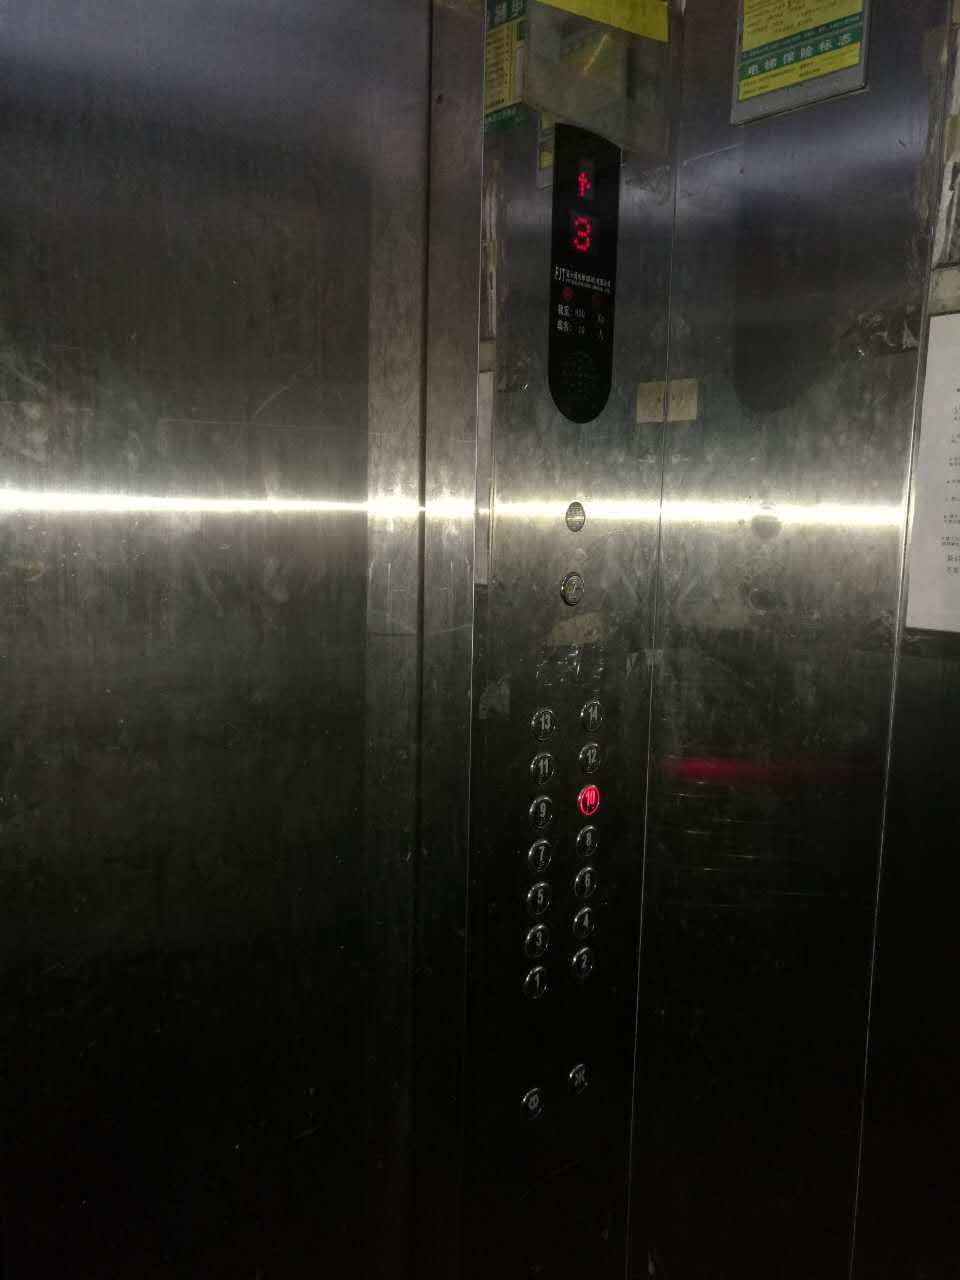 深圳小产权房单身公寓出售,公明上村全新装修 房地产 公寓 不动产 一房一厅 第5张